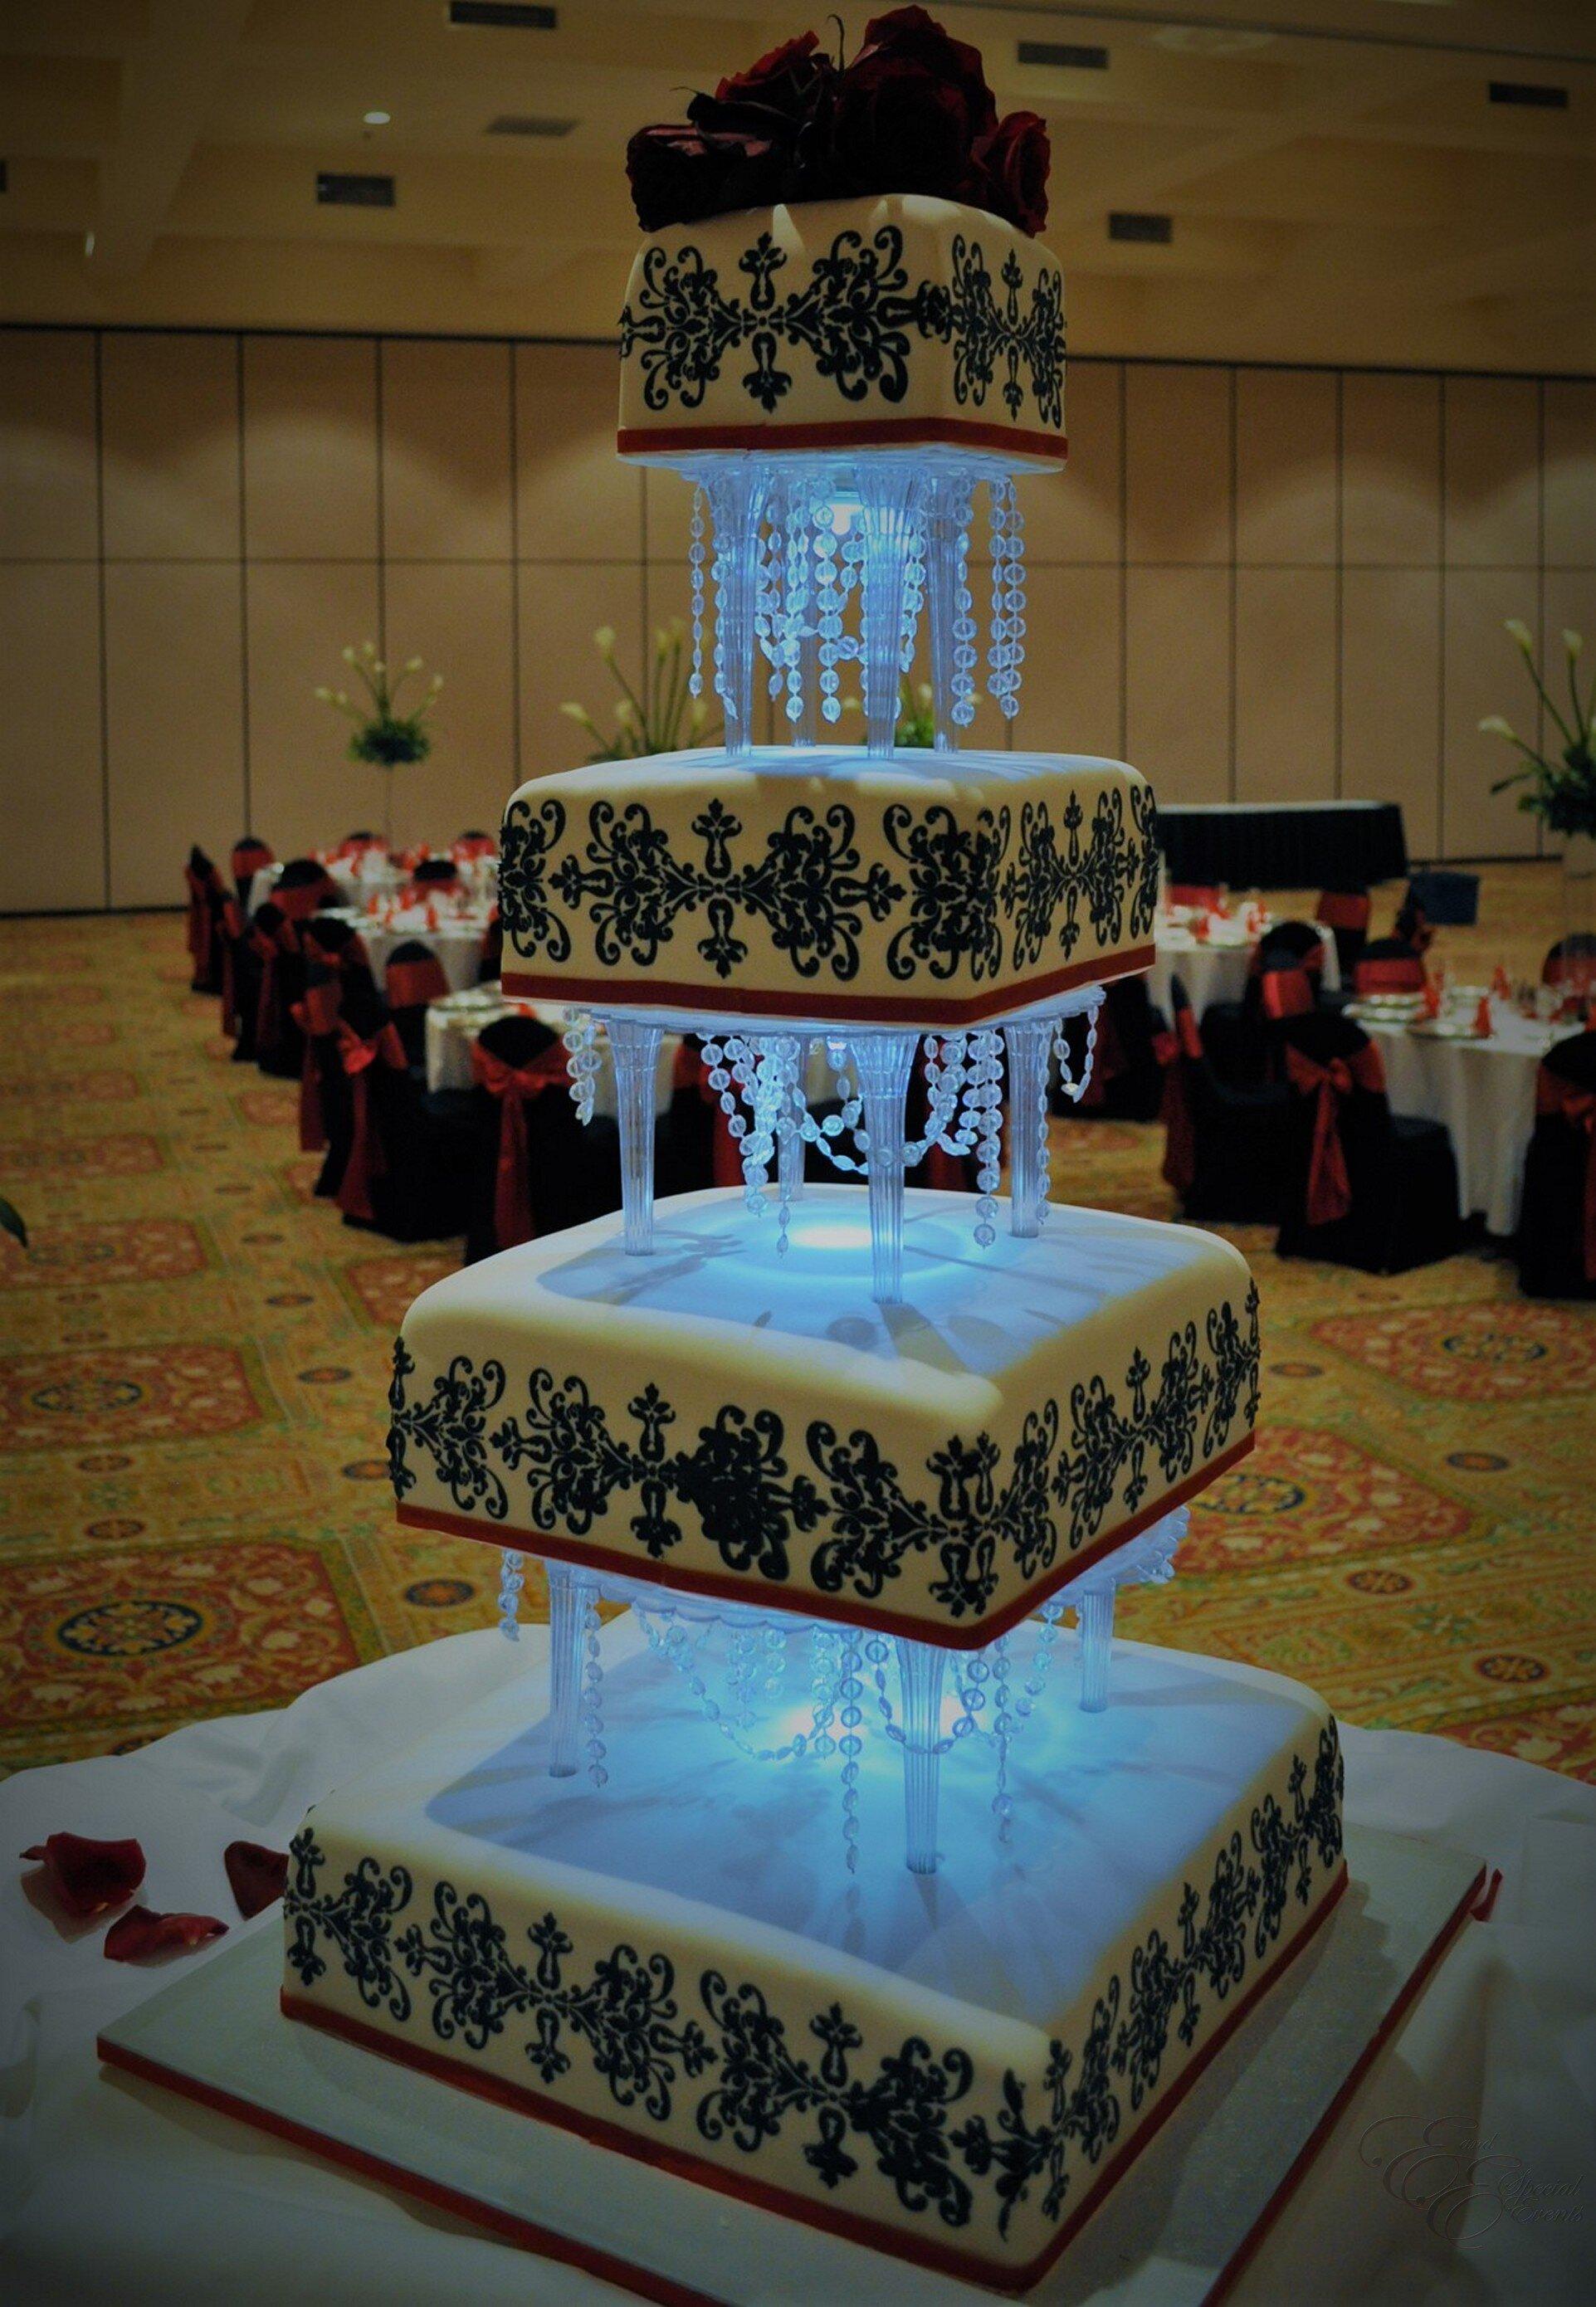 E_E_Special_Events_Unique_Wedding_Cakes_Virginia_Beach_Hampton_Roads27.jpg